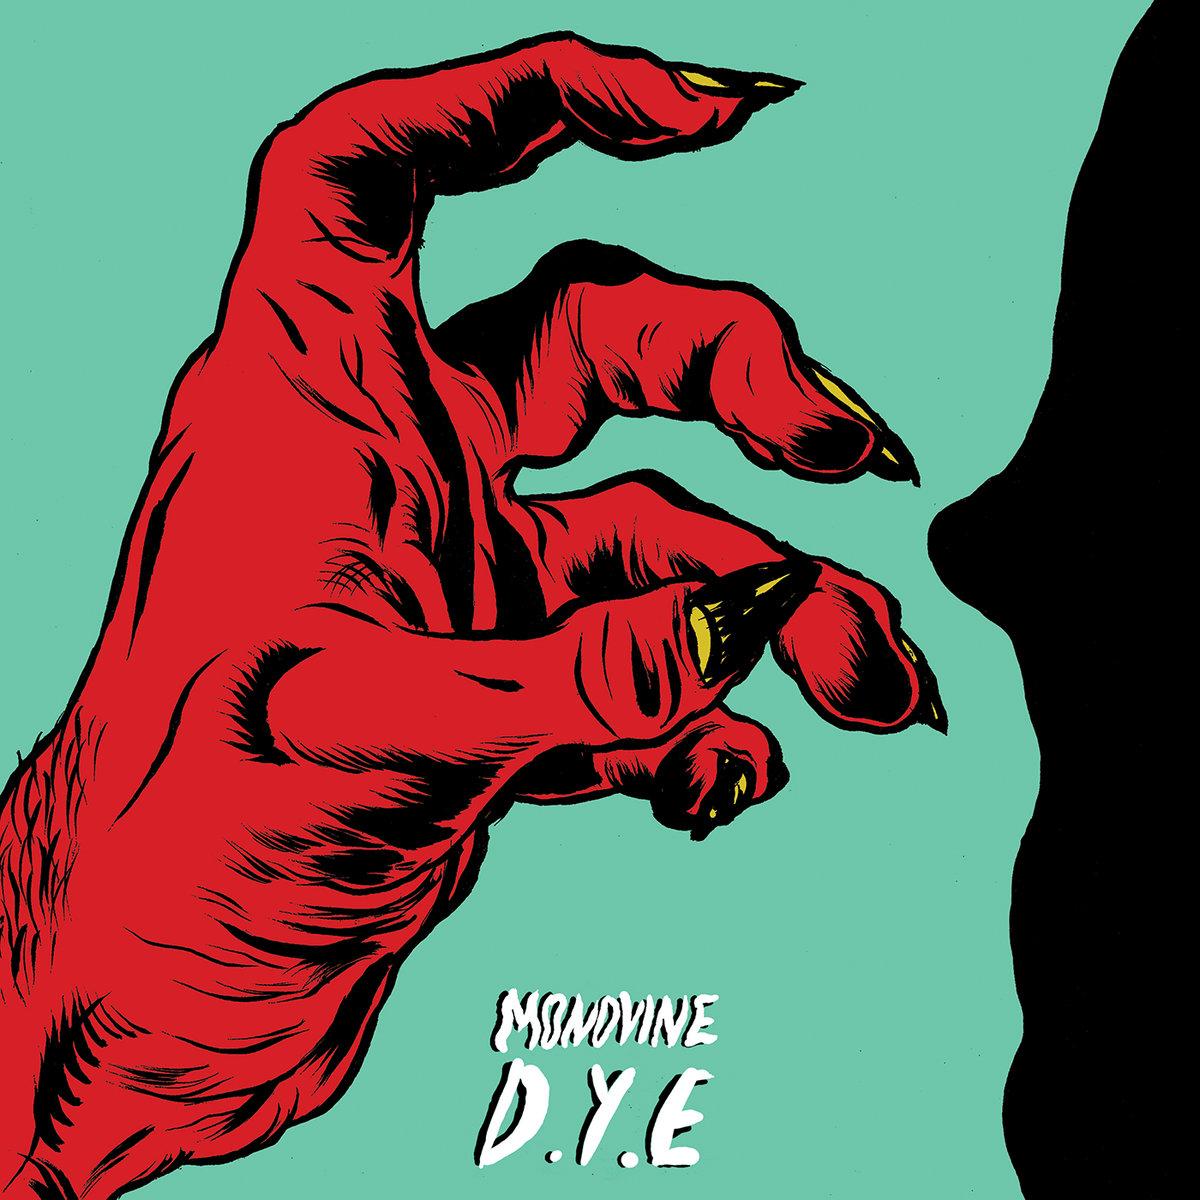 monovine dye